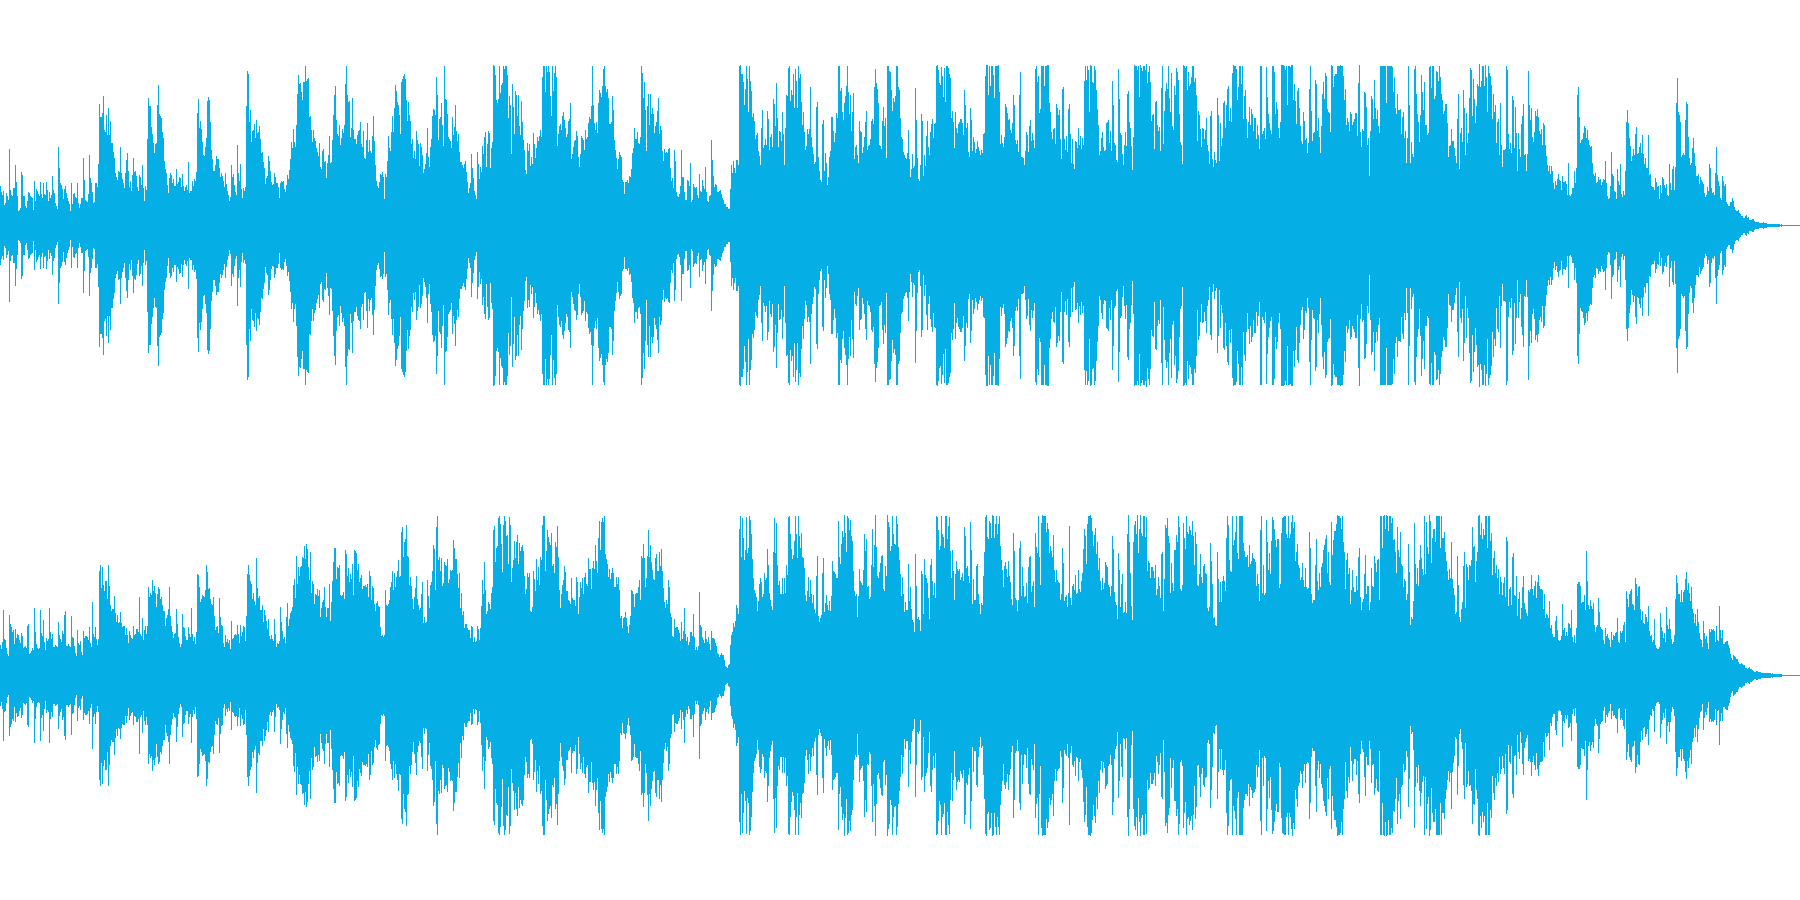 バイオリンの入った新鮮なストリングの曲の再生済みの波形